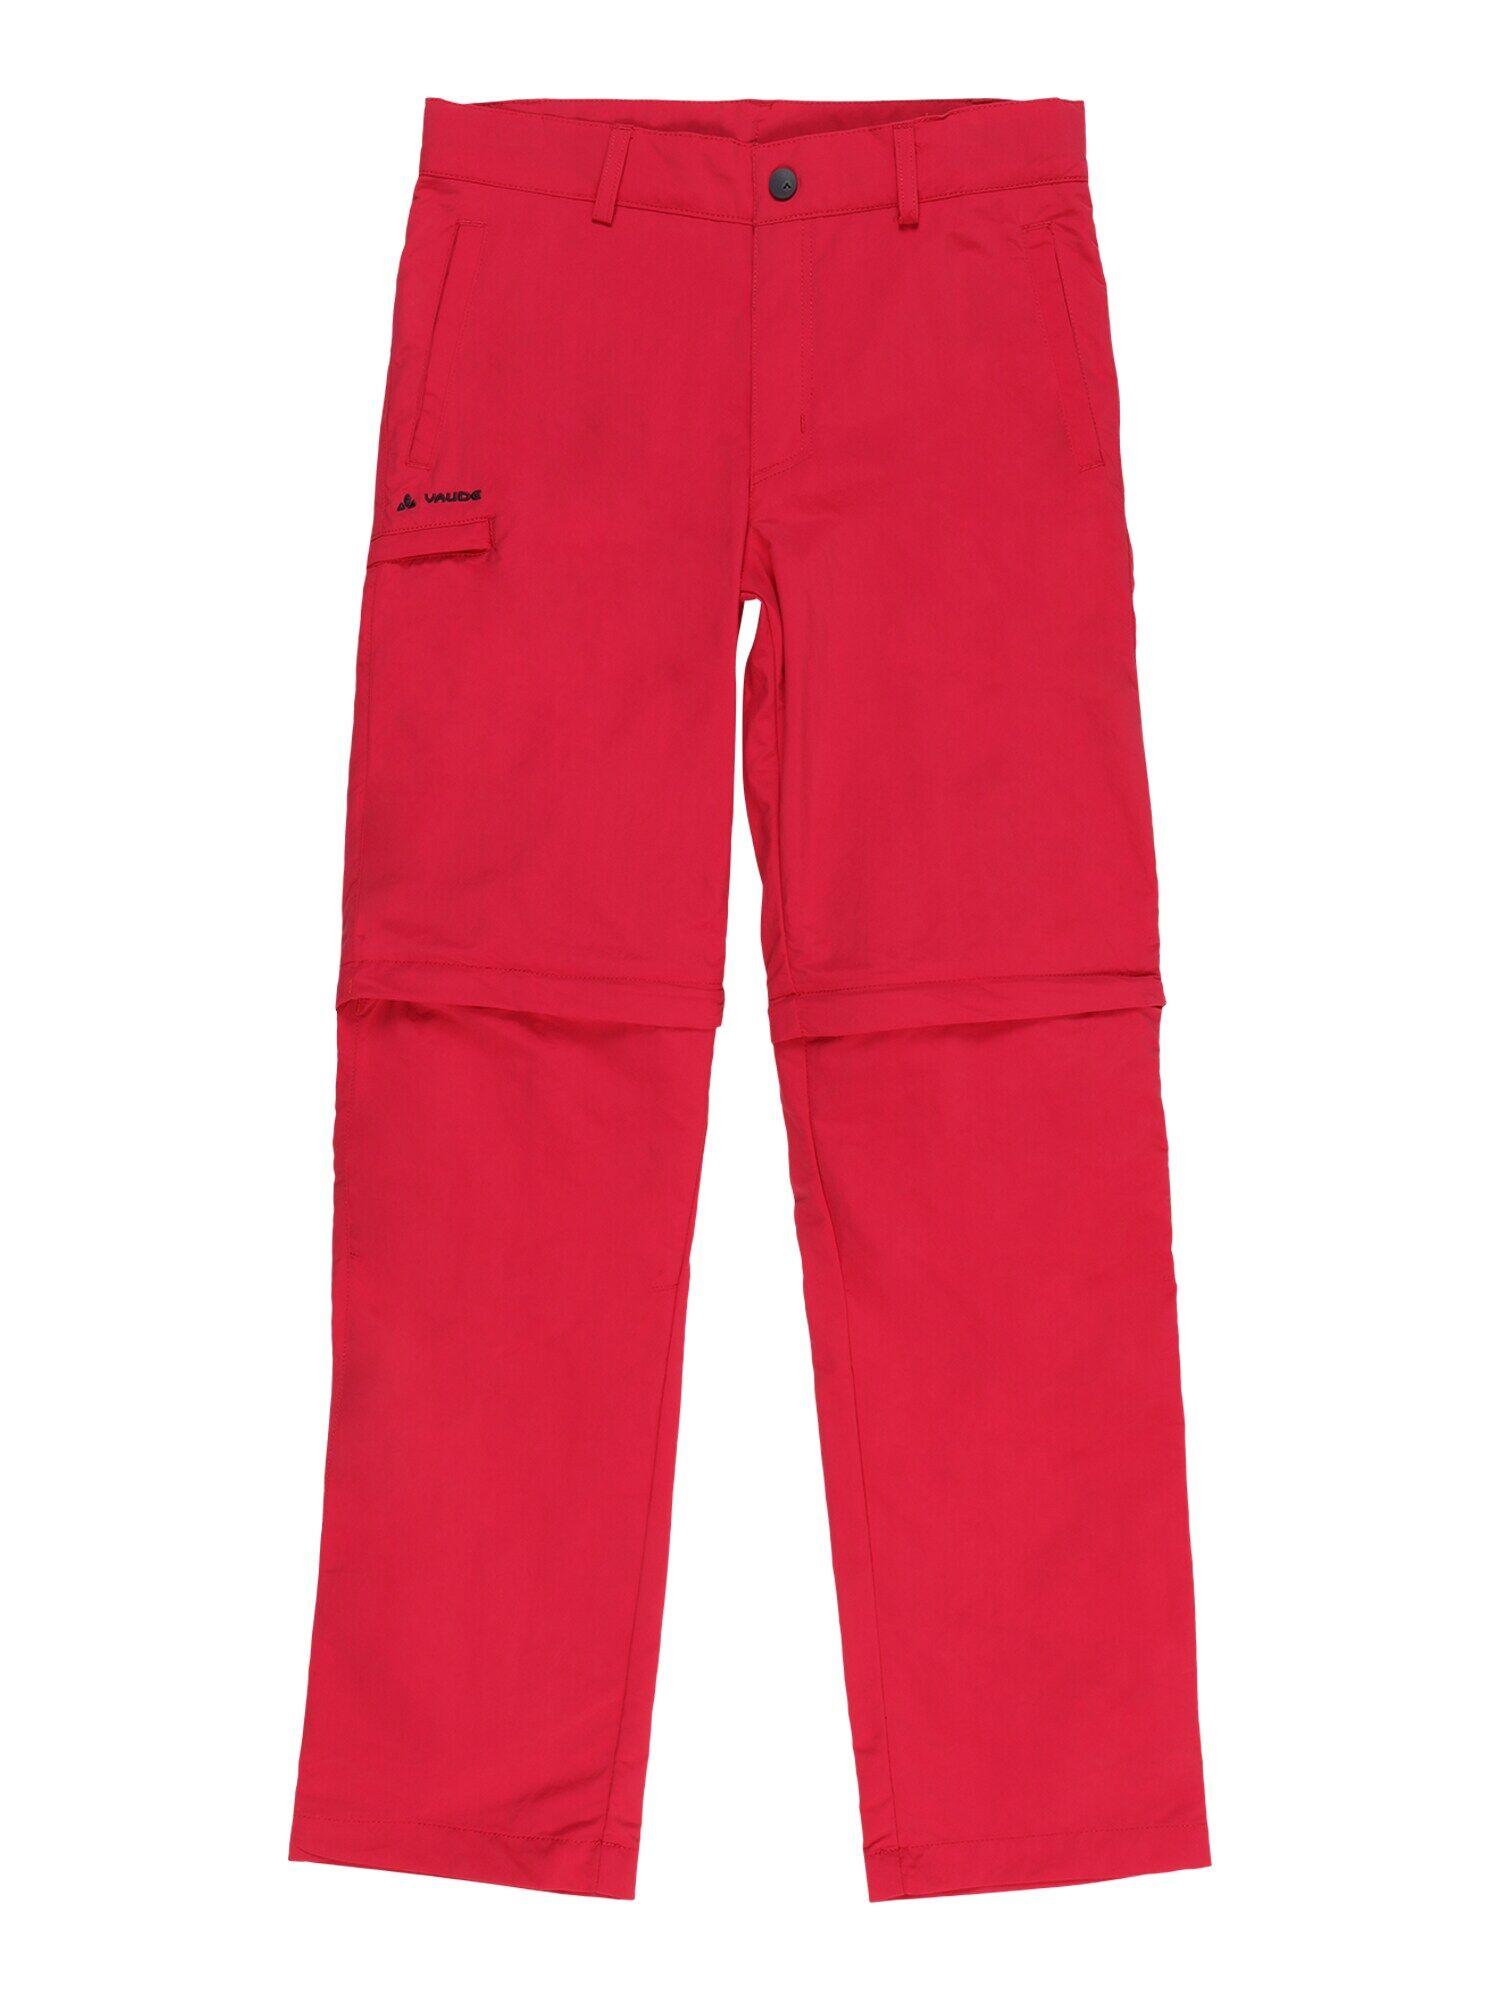 VAUDE Pantalon d'extérieur 'Detective'  - Rouge - Taille: 110-116 - boy